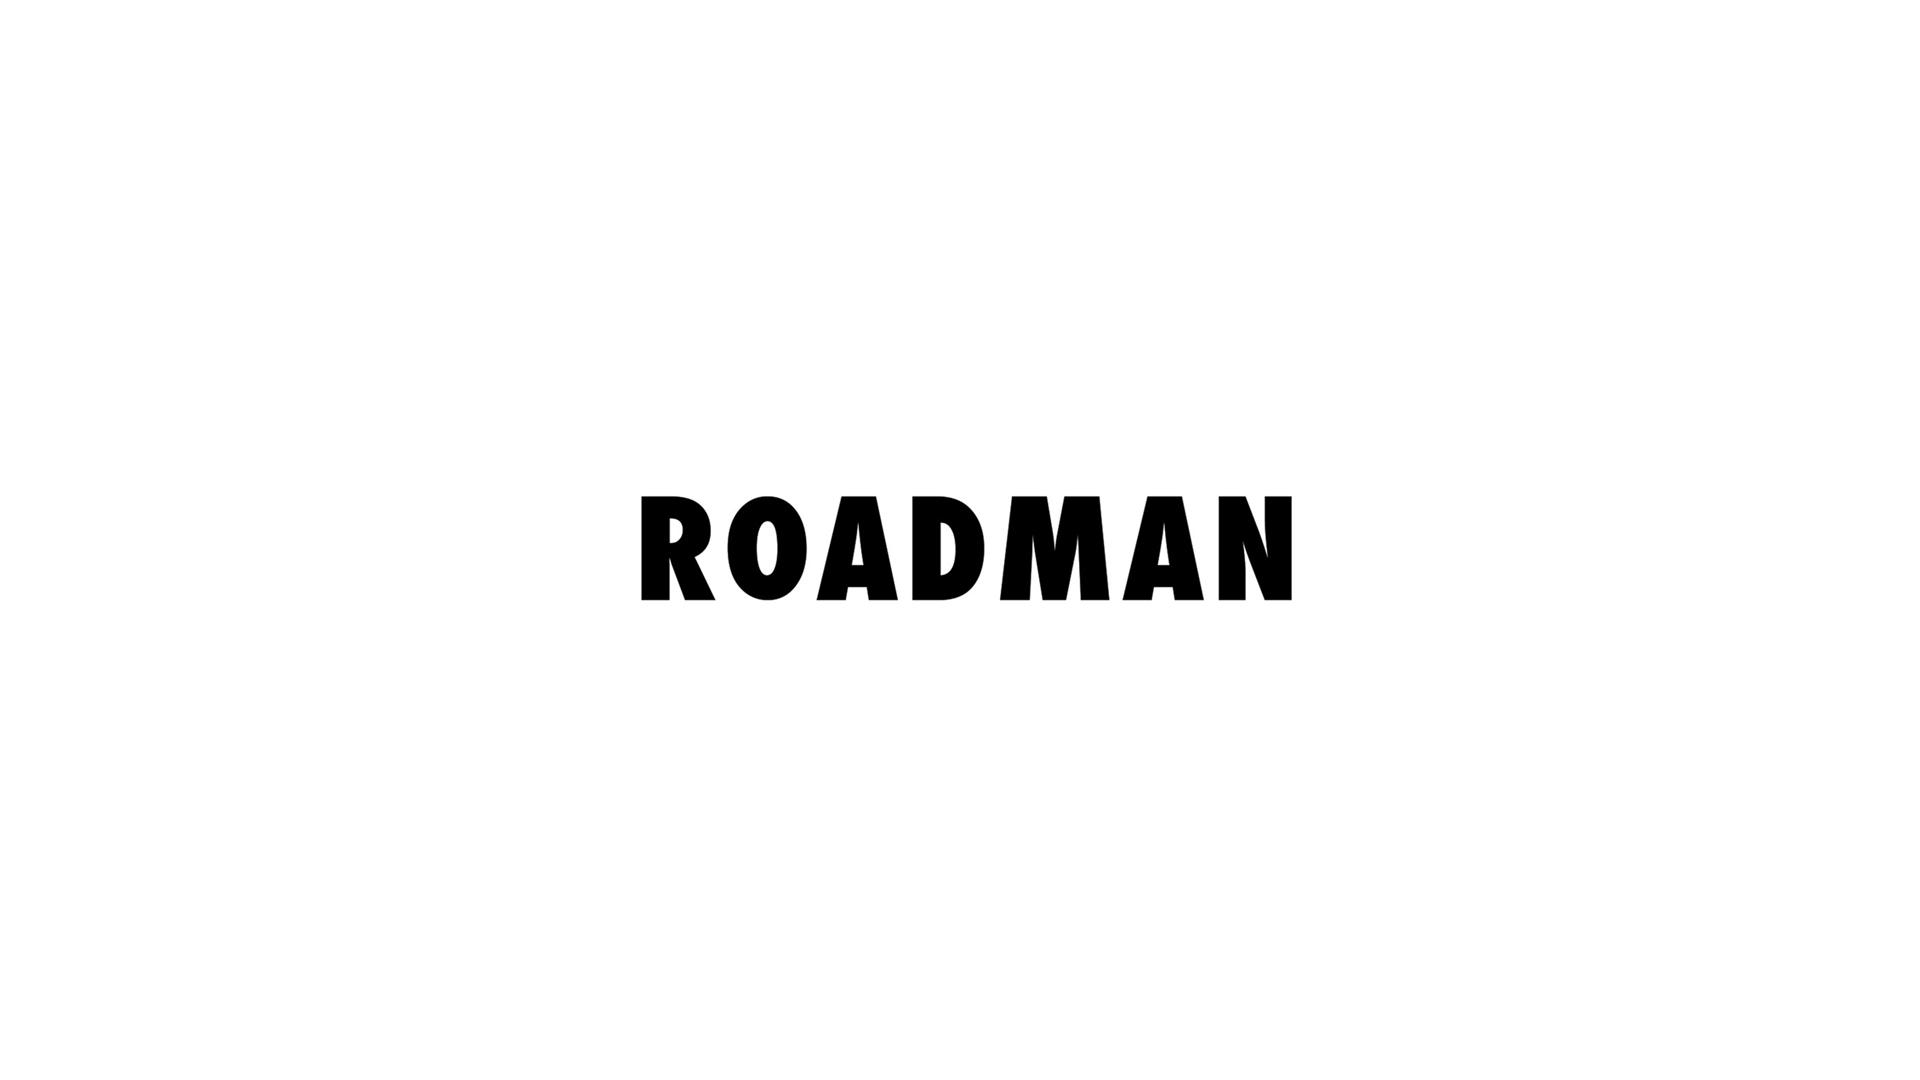 roadman_white.png